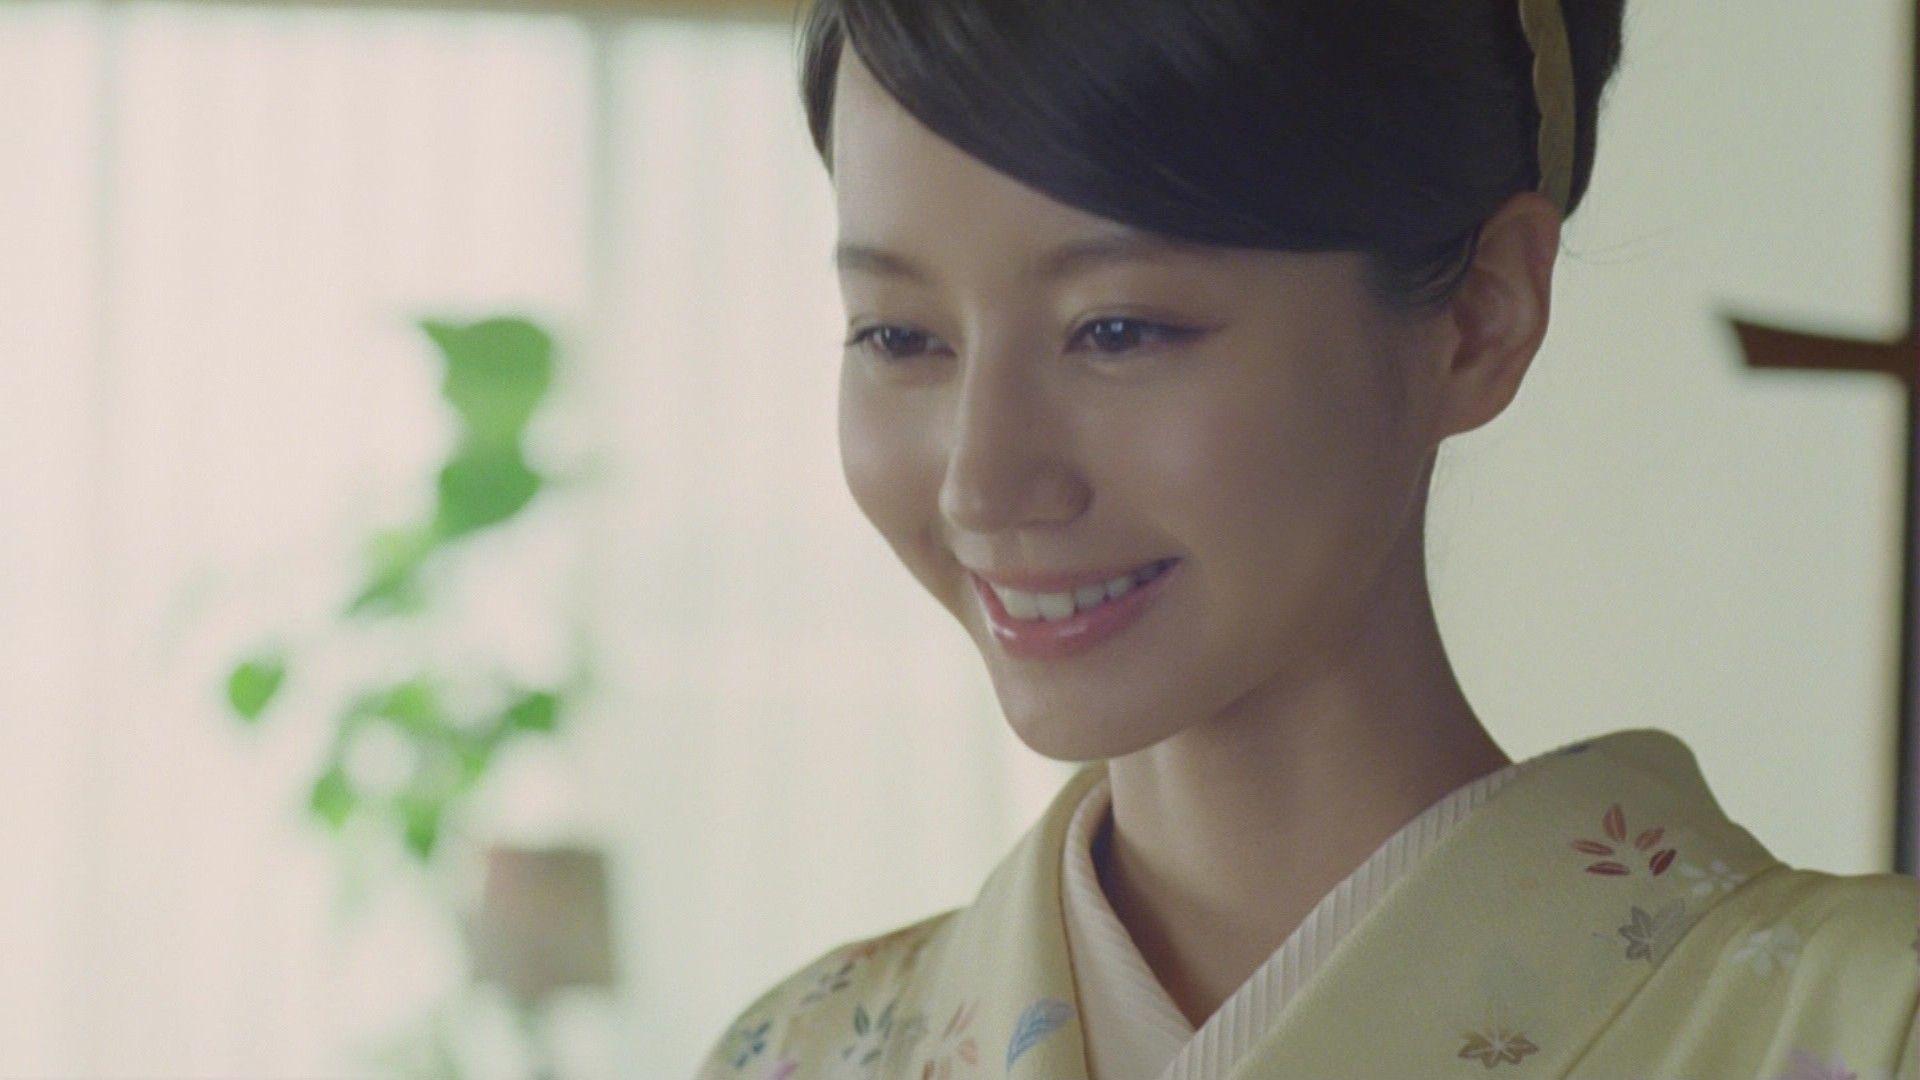 ストロベリーナイト Pinterest: 「俳優(haiyu)・女優(joyu)」おしゃれまとめの人気アイデア